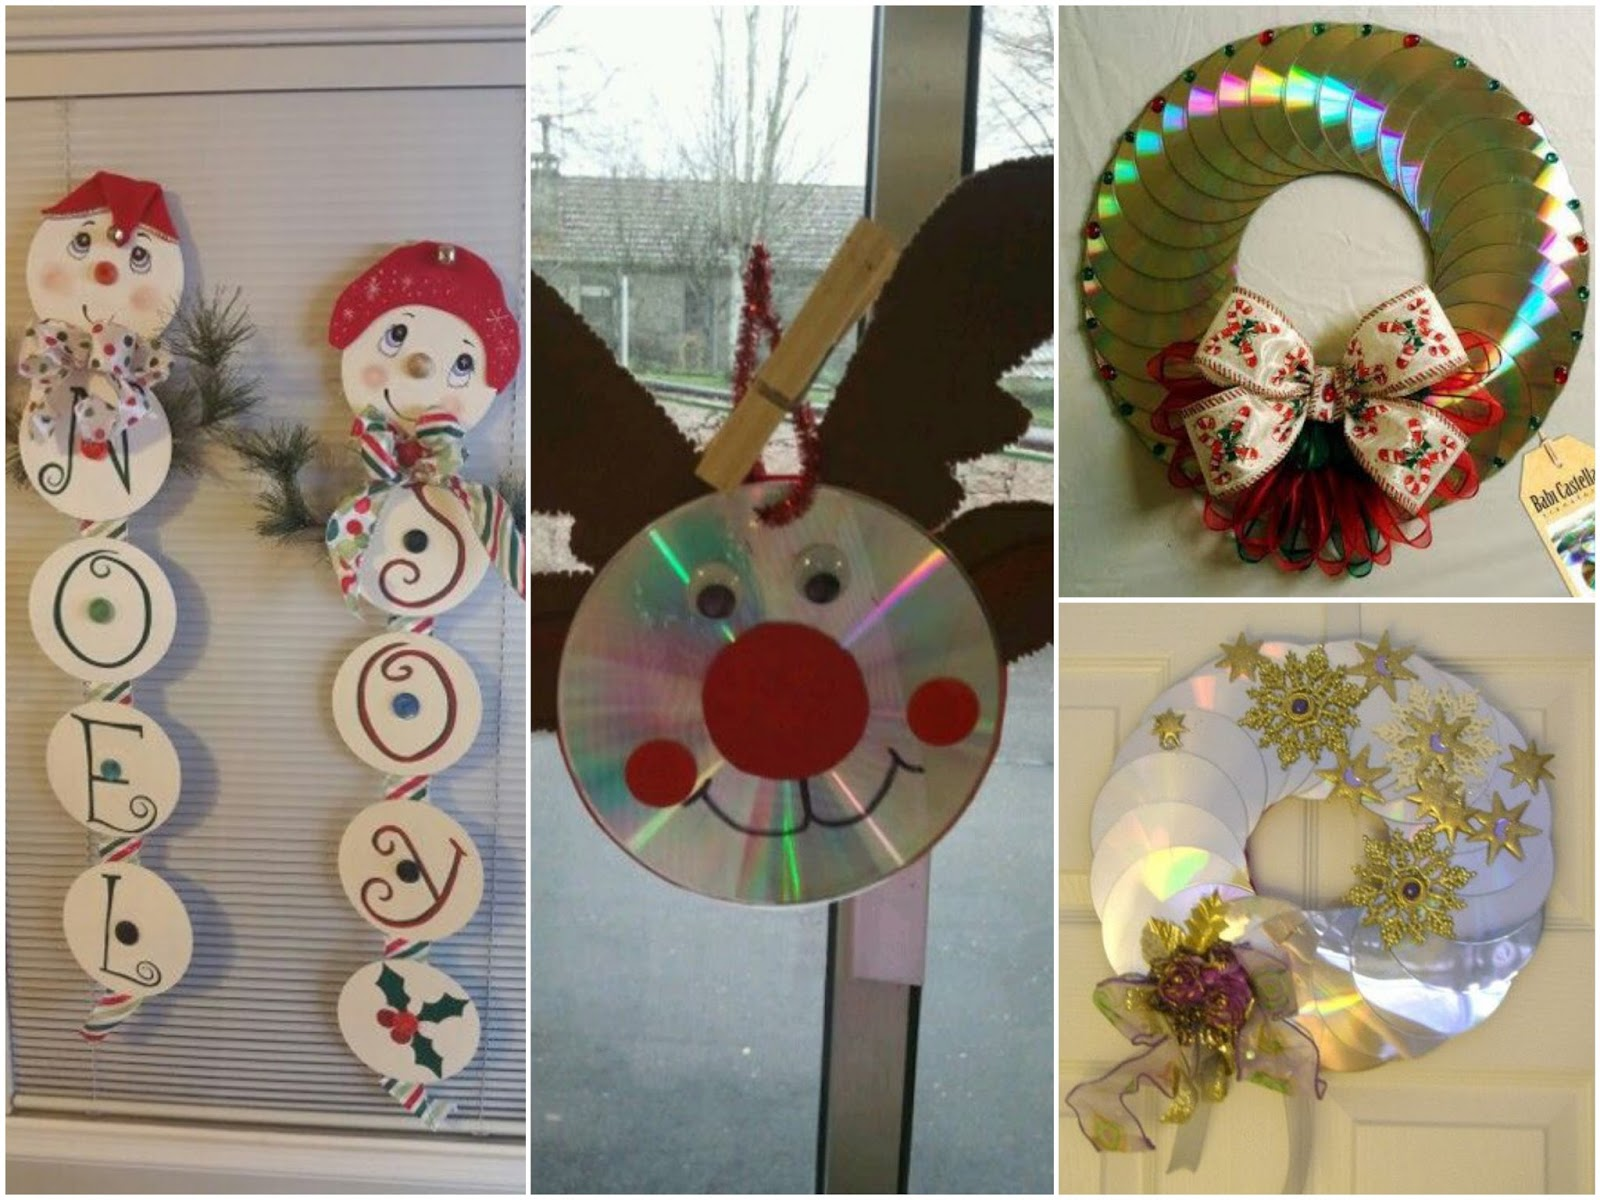 14 ideas para hacer adornos de navidad con cds - Ideas para decorar estrellas de navidad ...